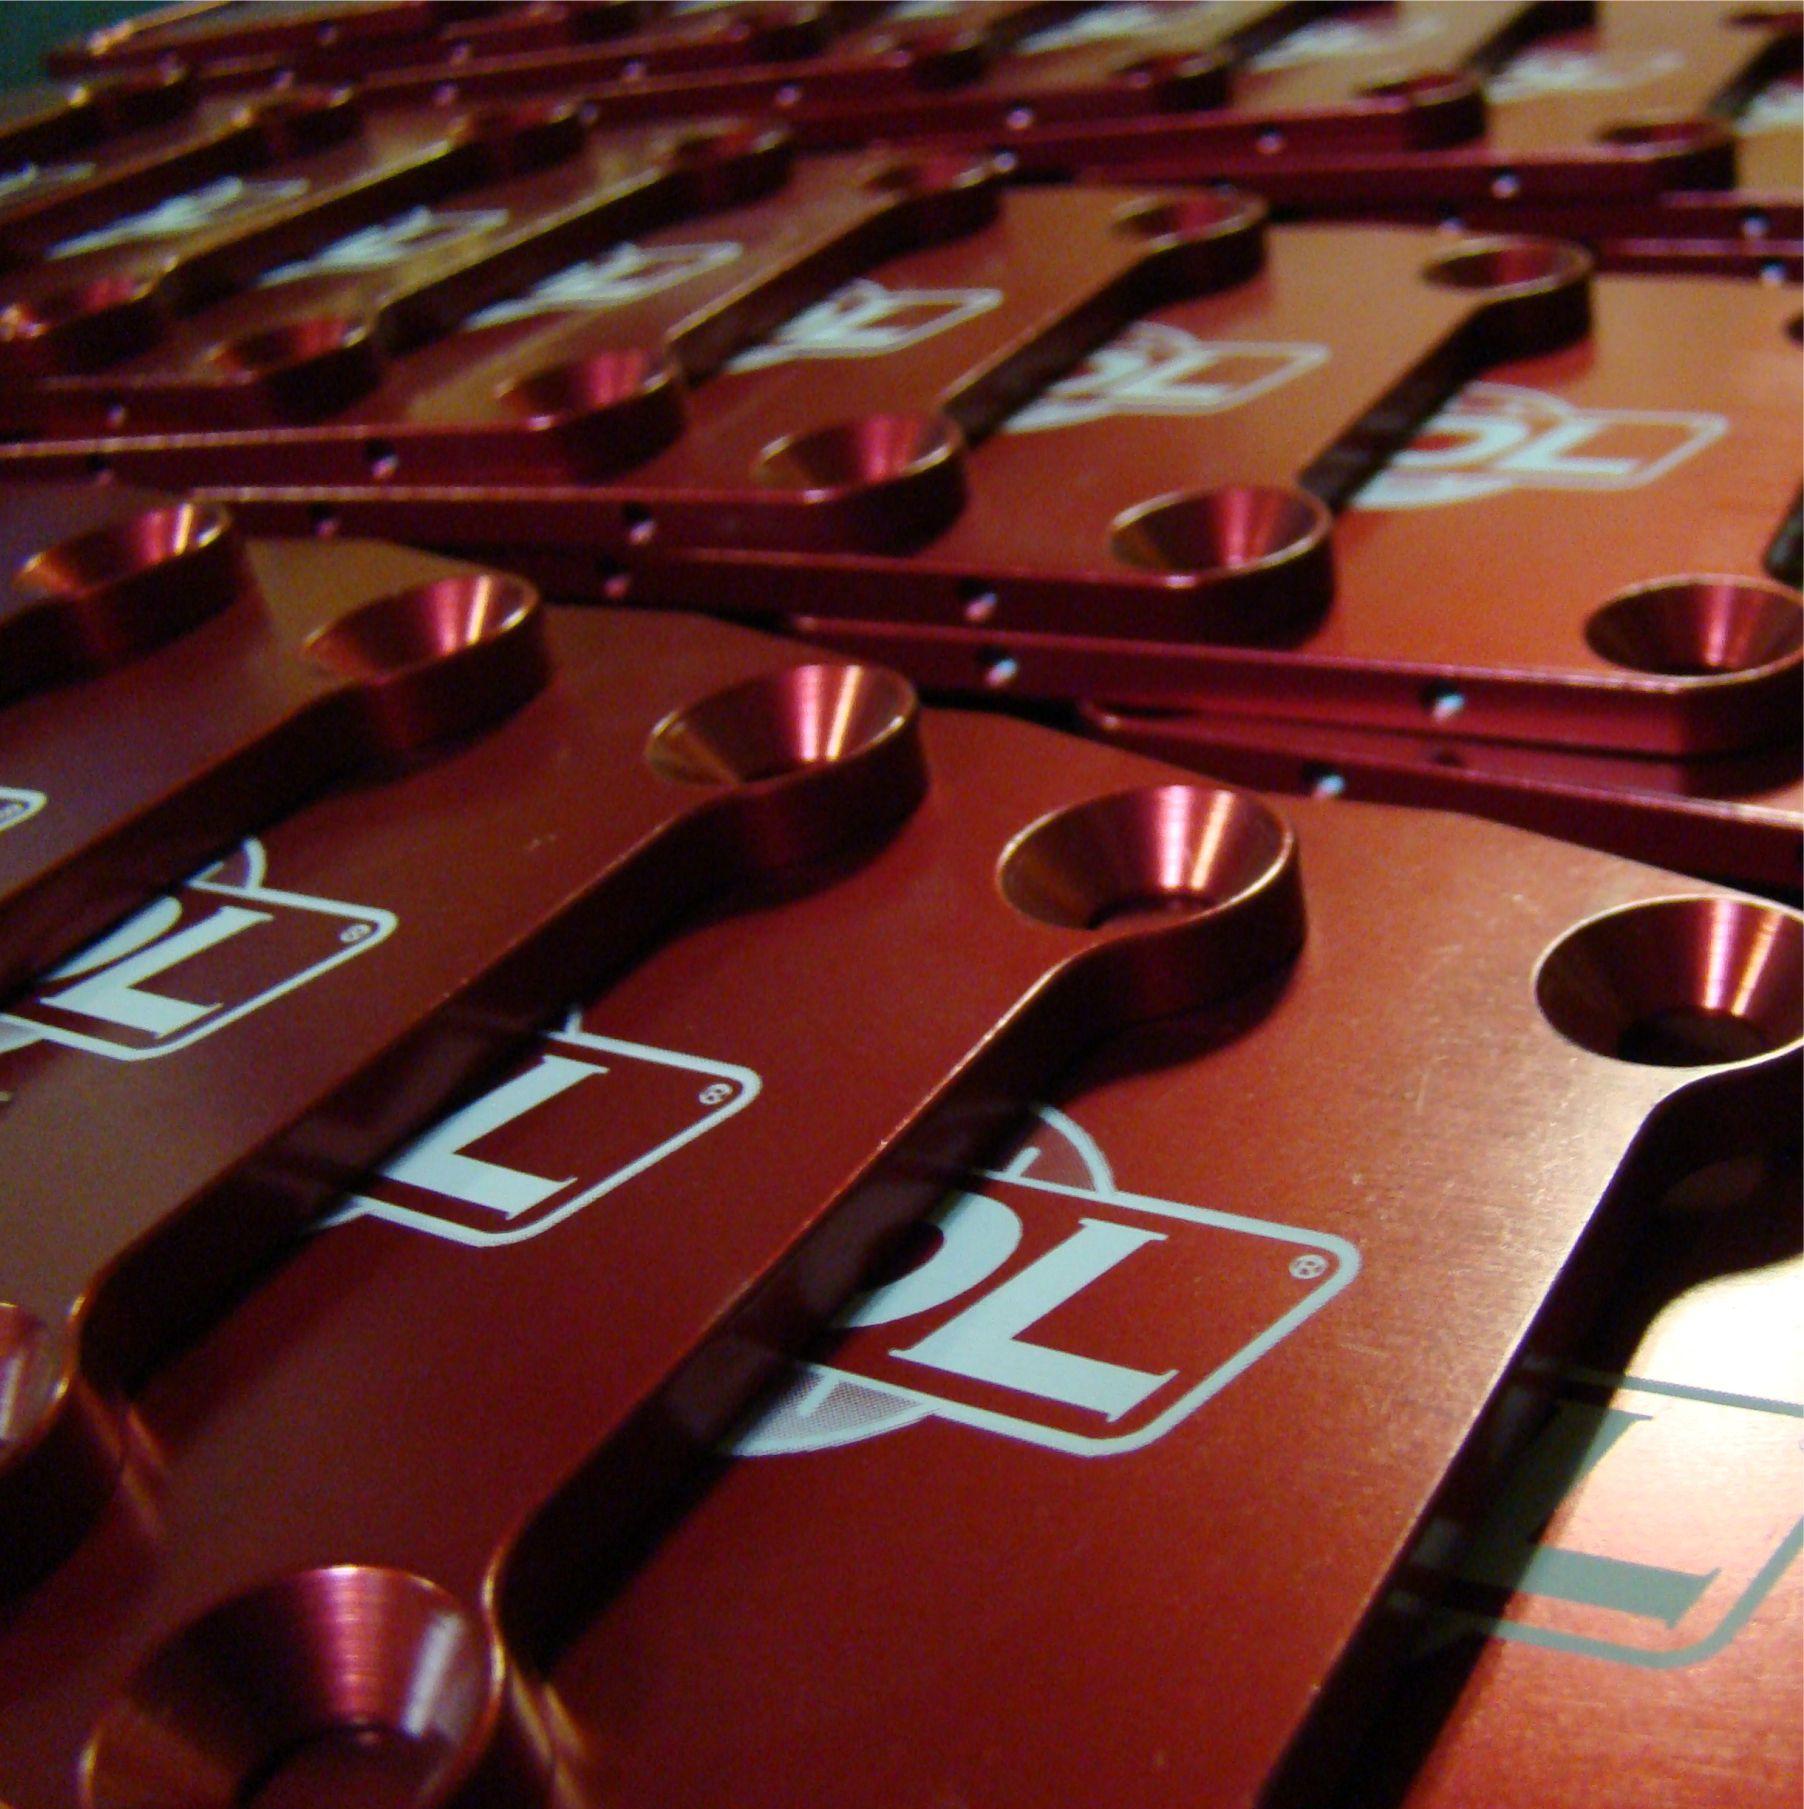 laserartllc custom laser engraving personalization metal marking